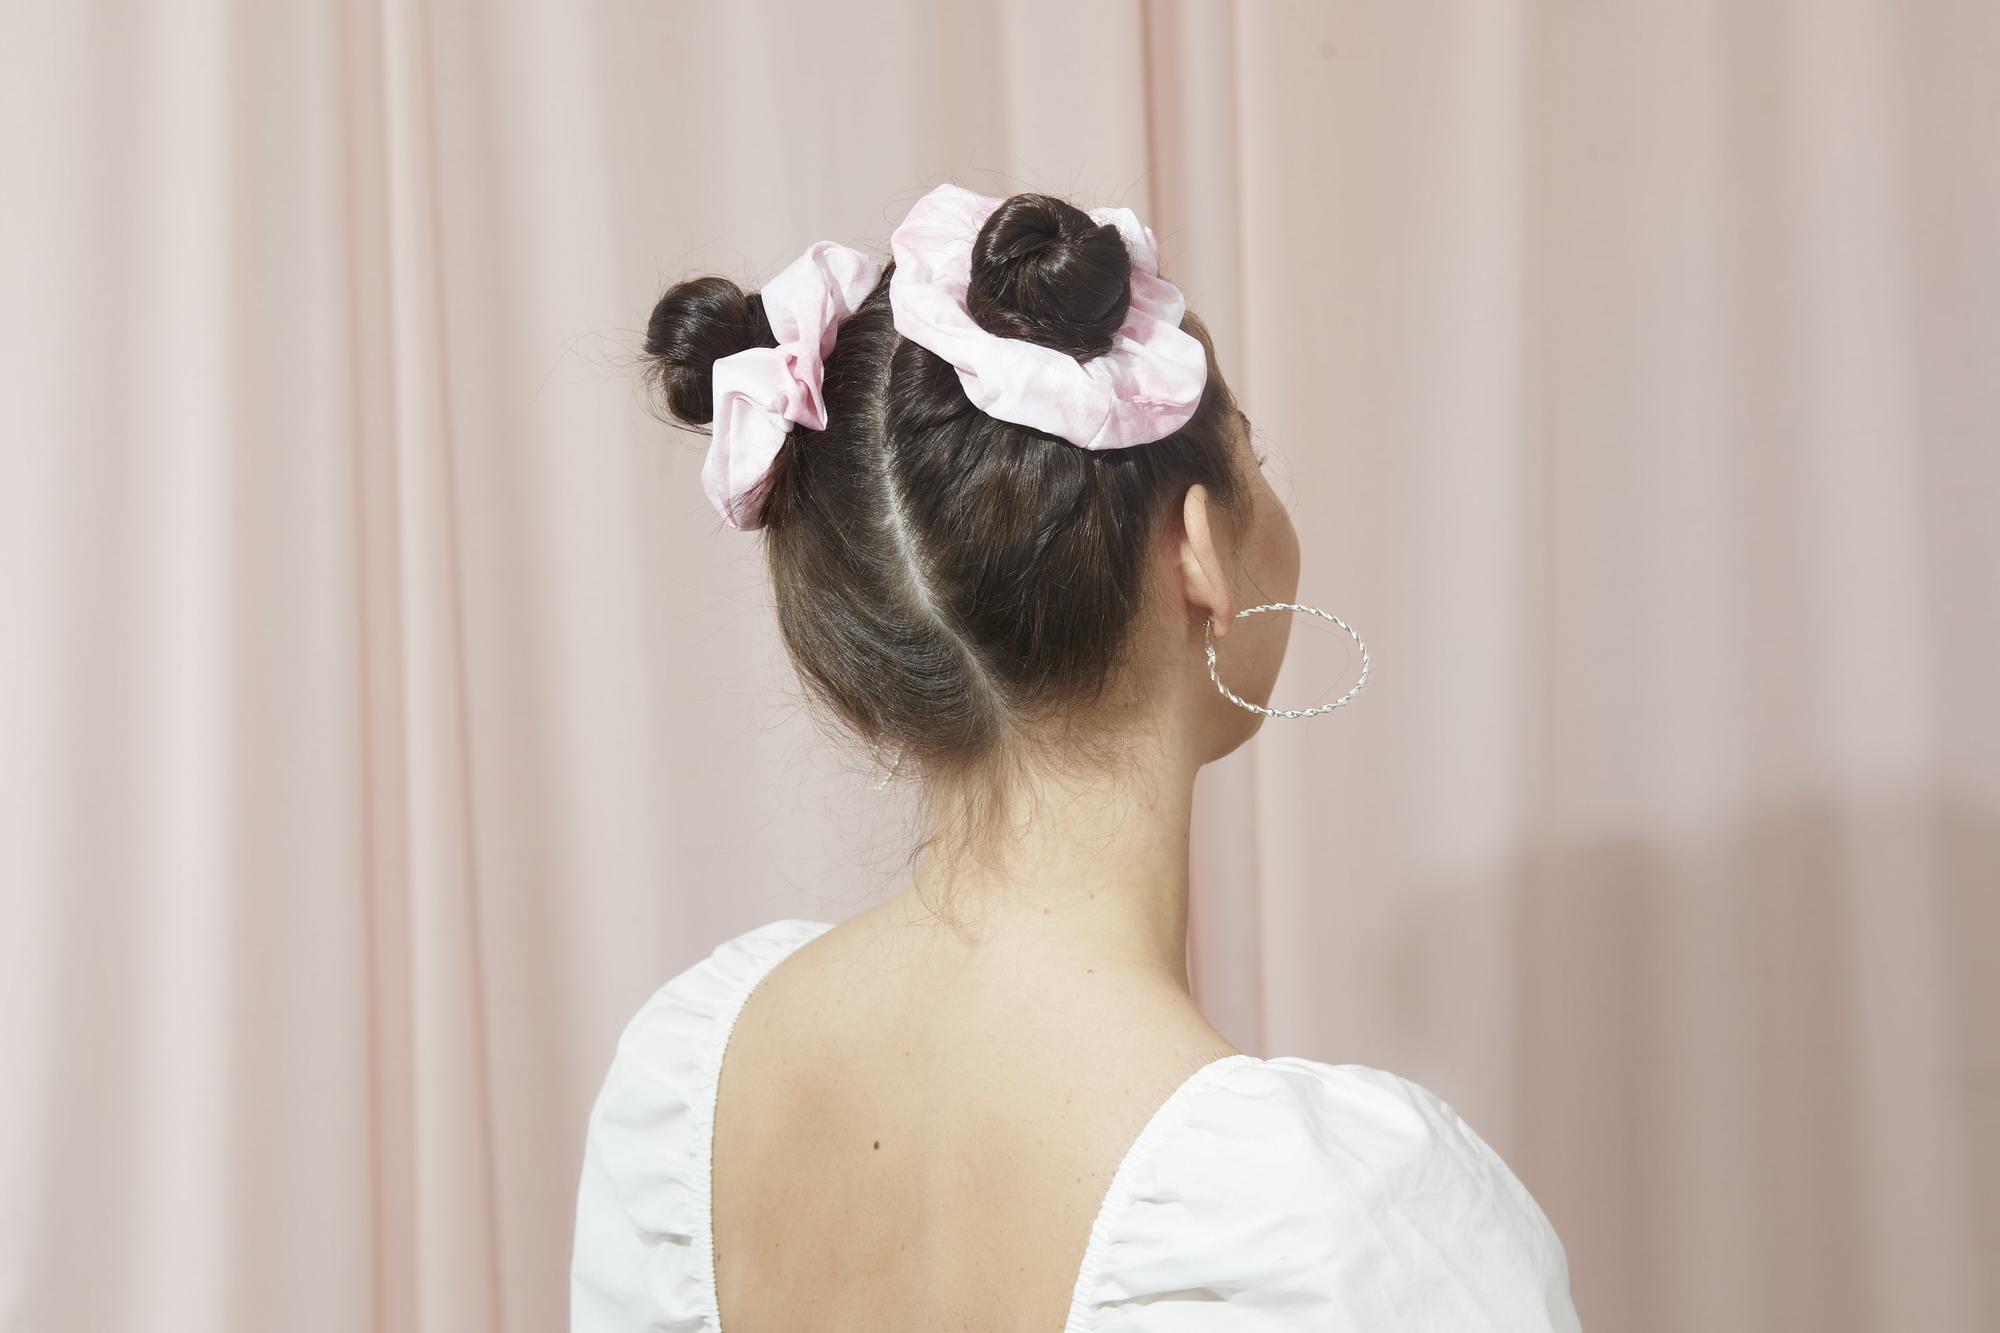 Femme aux cheveux bruns foncés en petits pains de l'espace avec des chouchous